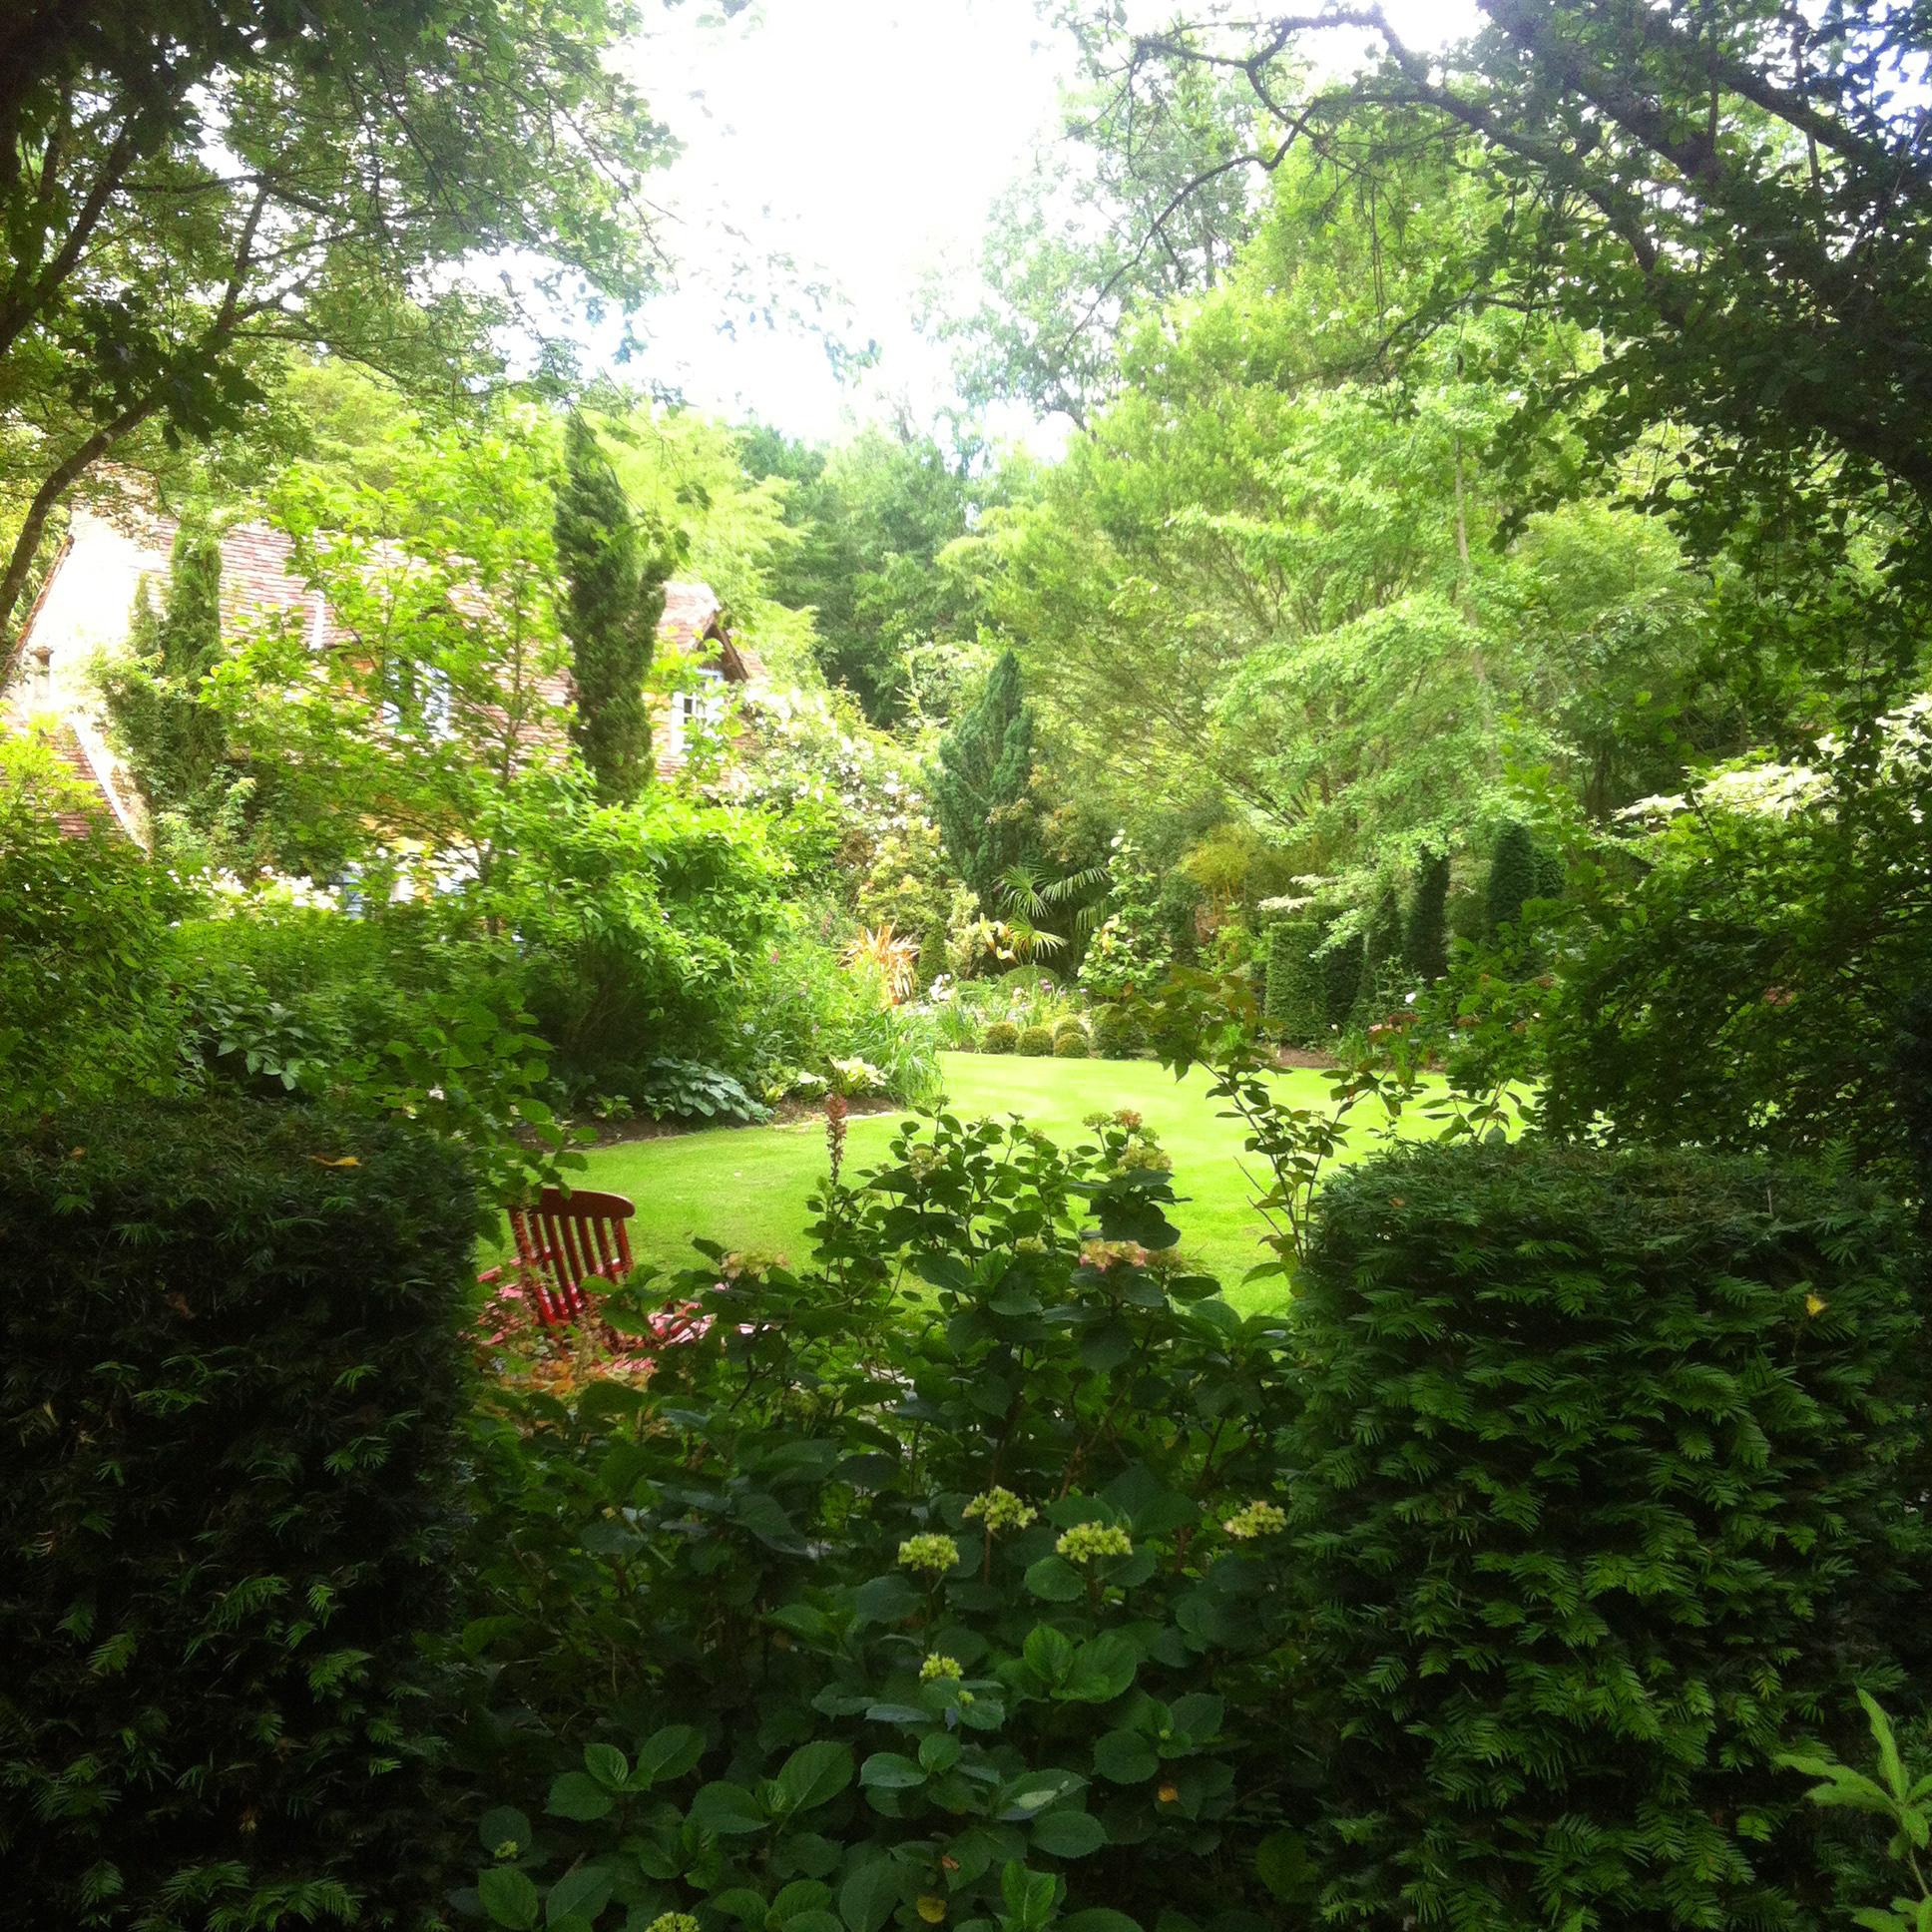 Jardin du Petit Bordeaux jardin remarquable clairière engazonnée